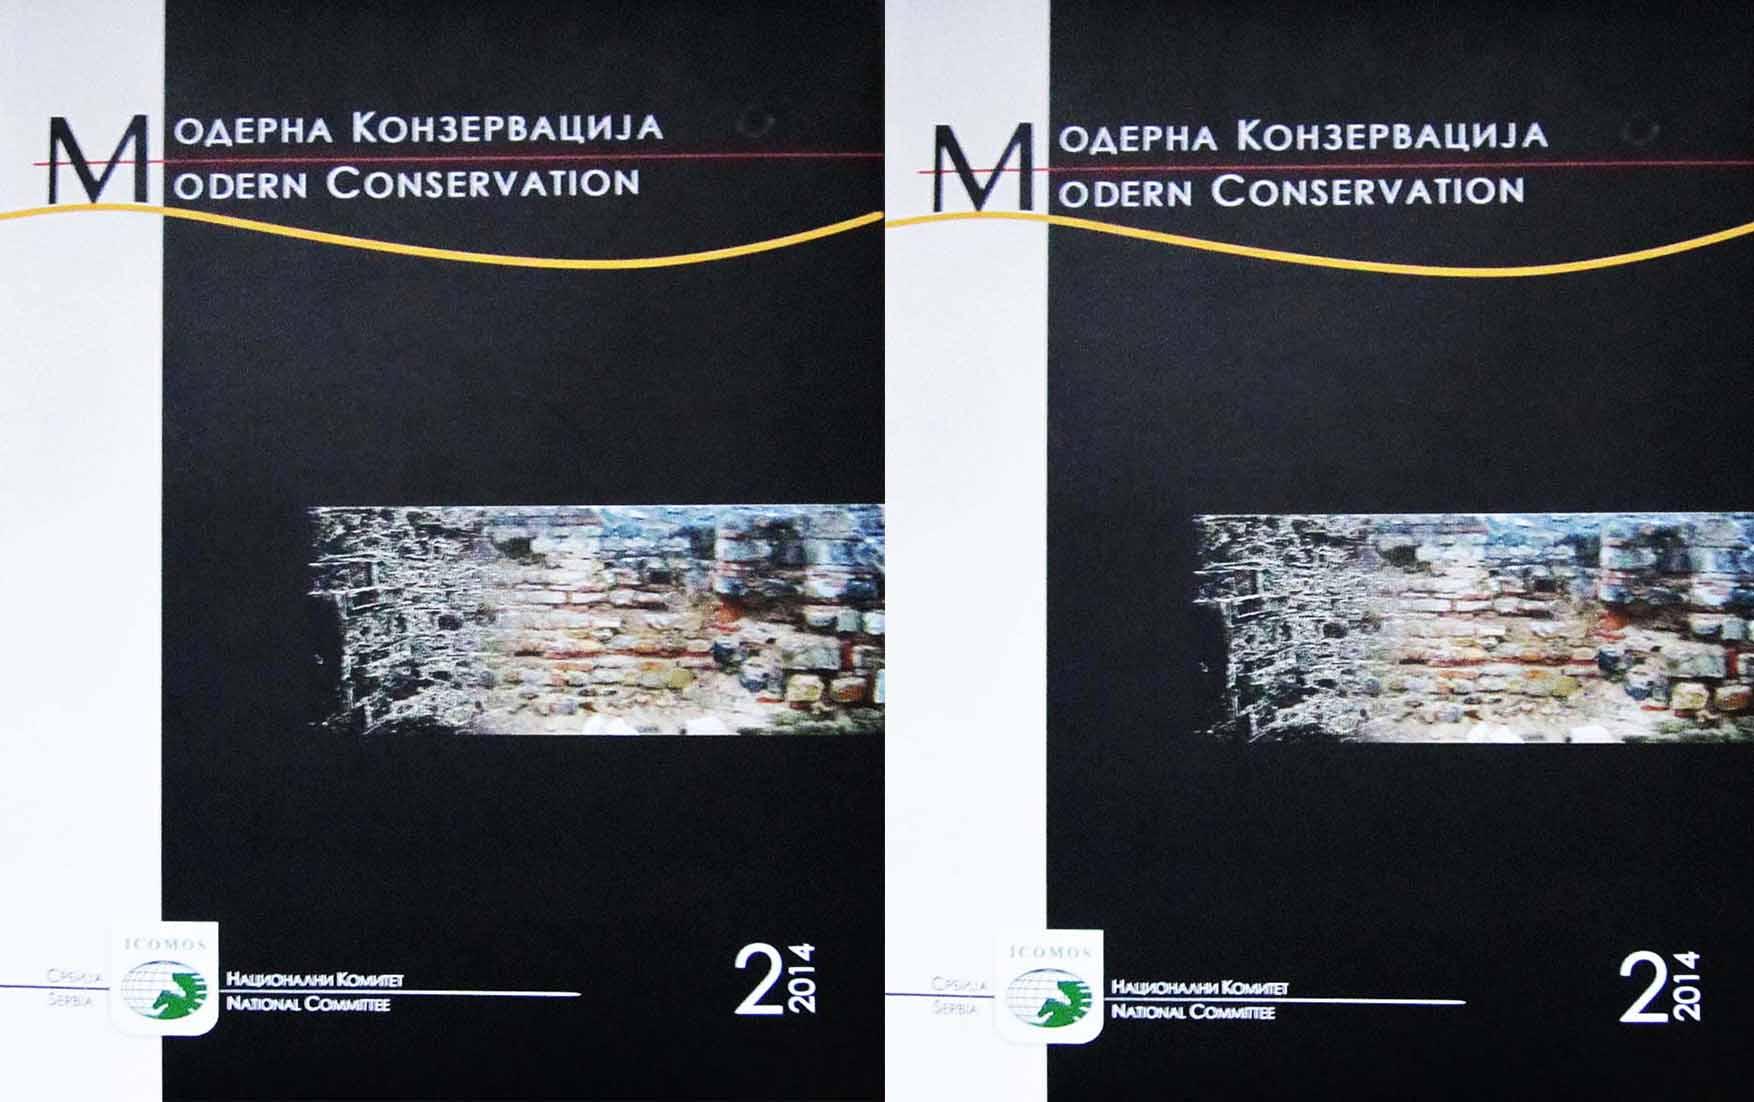 moderna konzervacija 2a